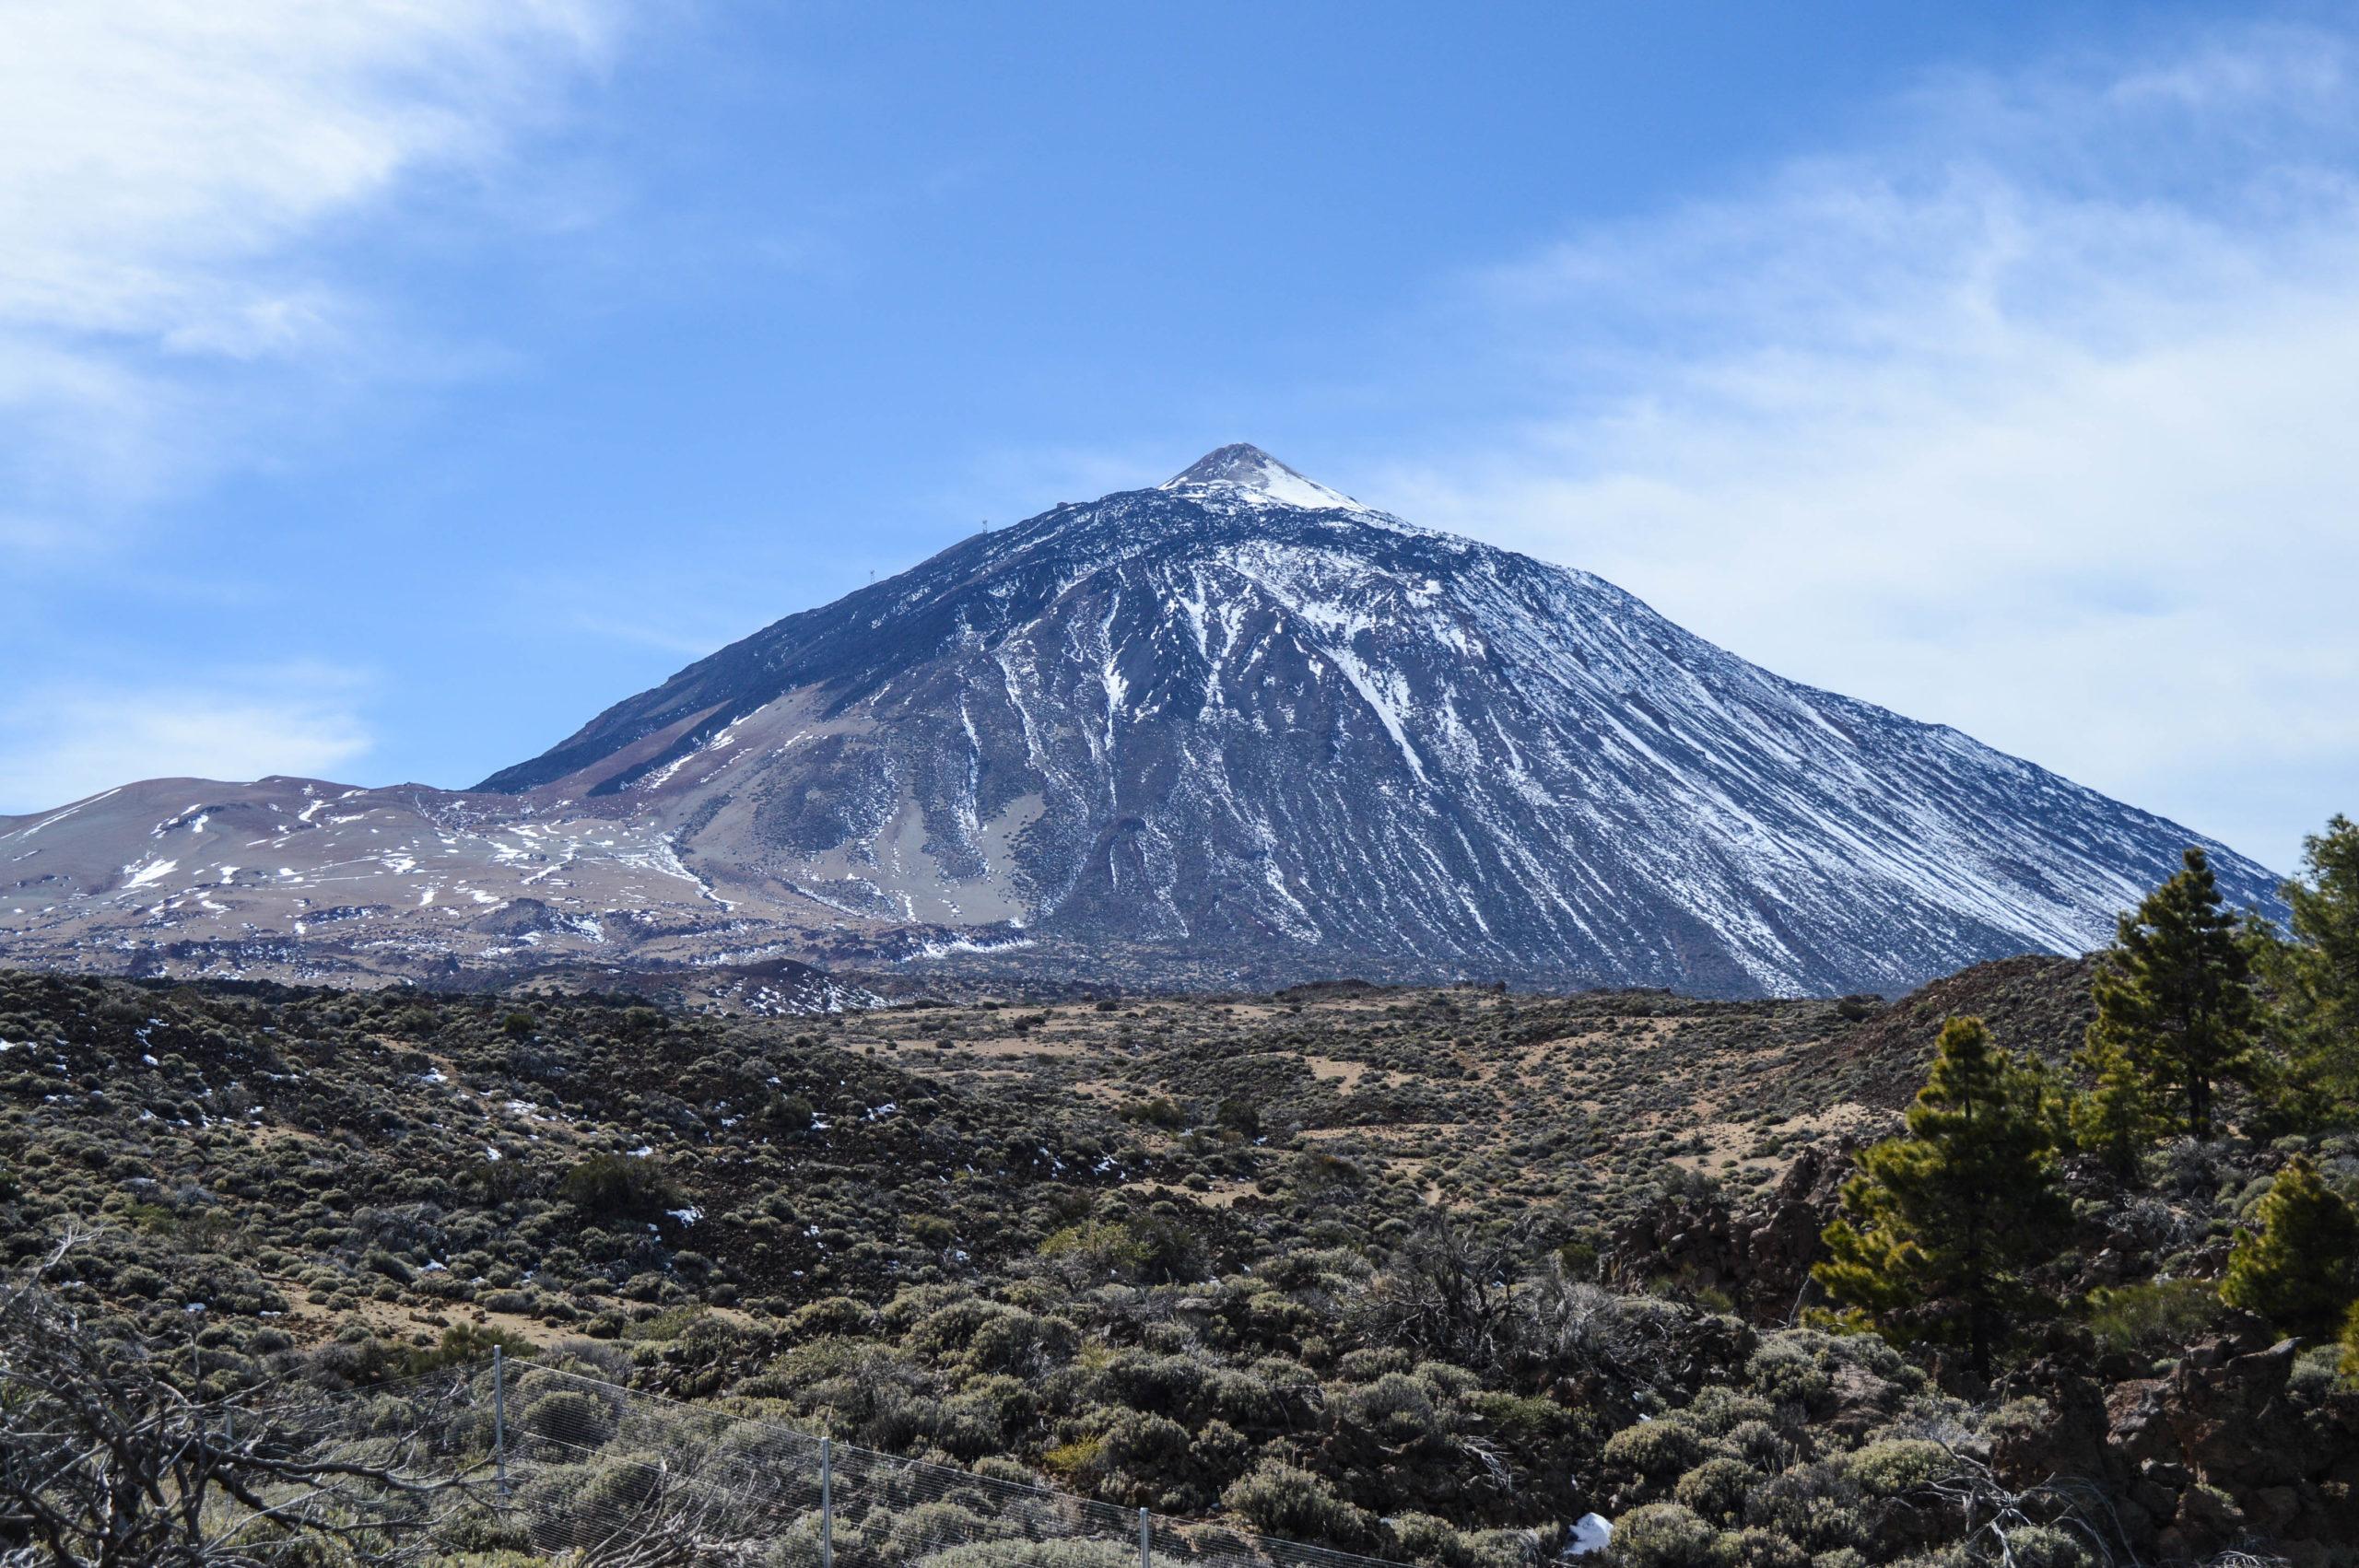 volcan teide enneigé